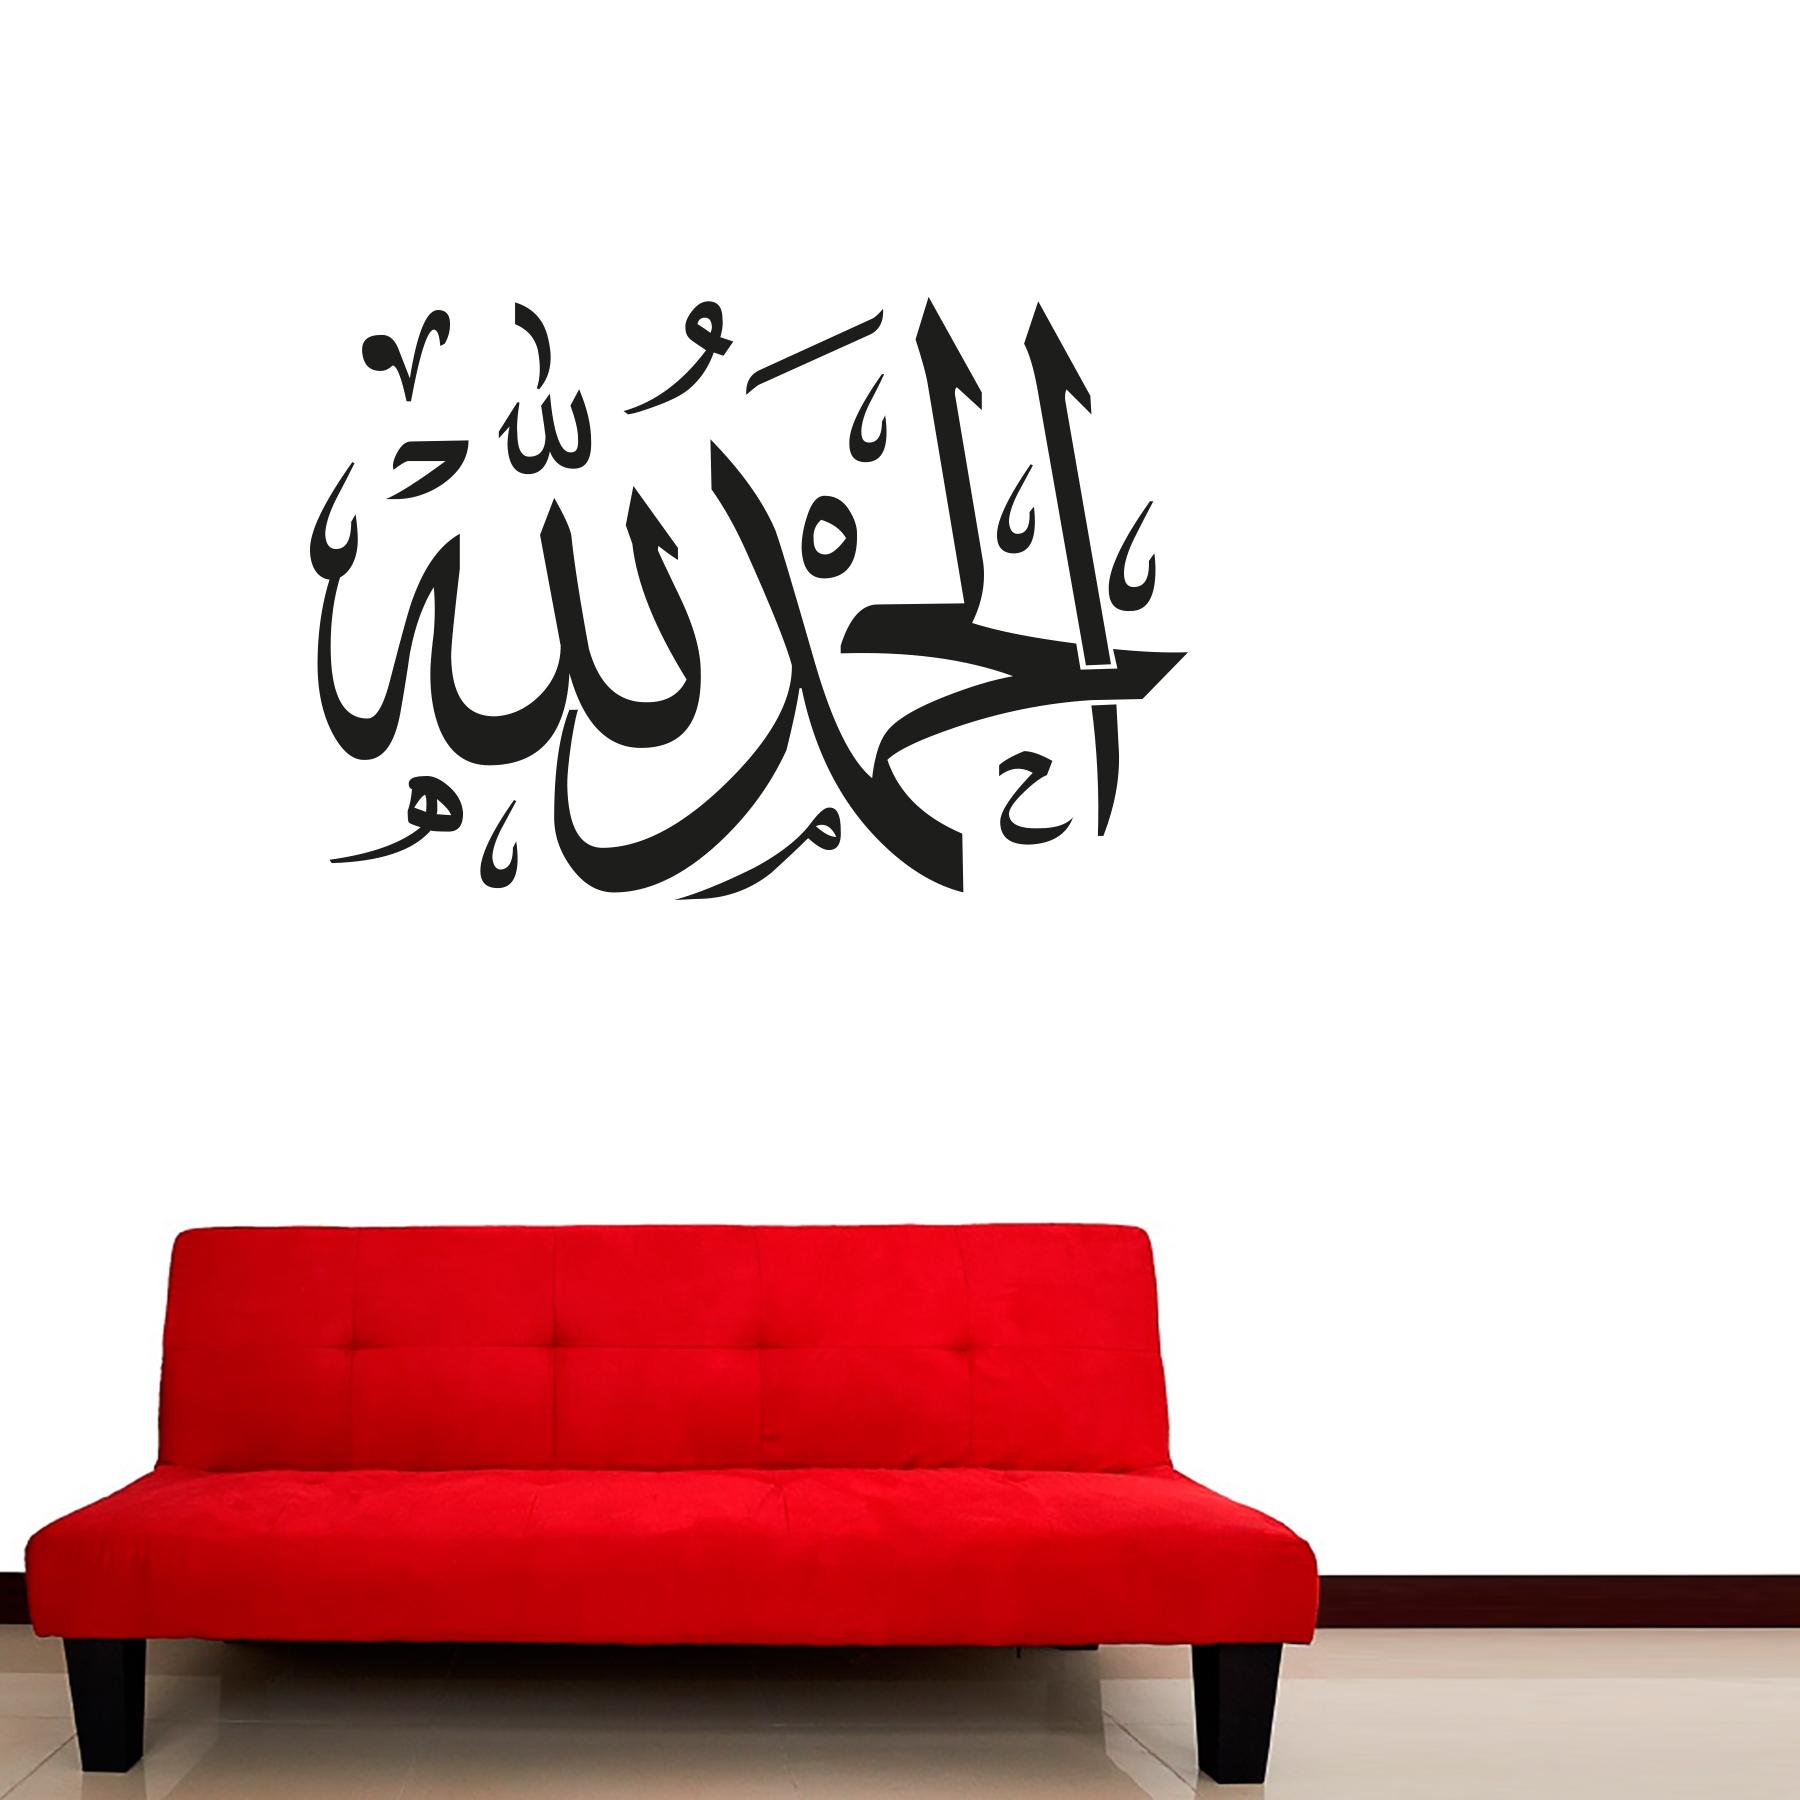 alhamdulillah wandtattoo rund islamische wandtattoos kaufen. Black Bedroom Furniture Sets. Home Design Ideas